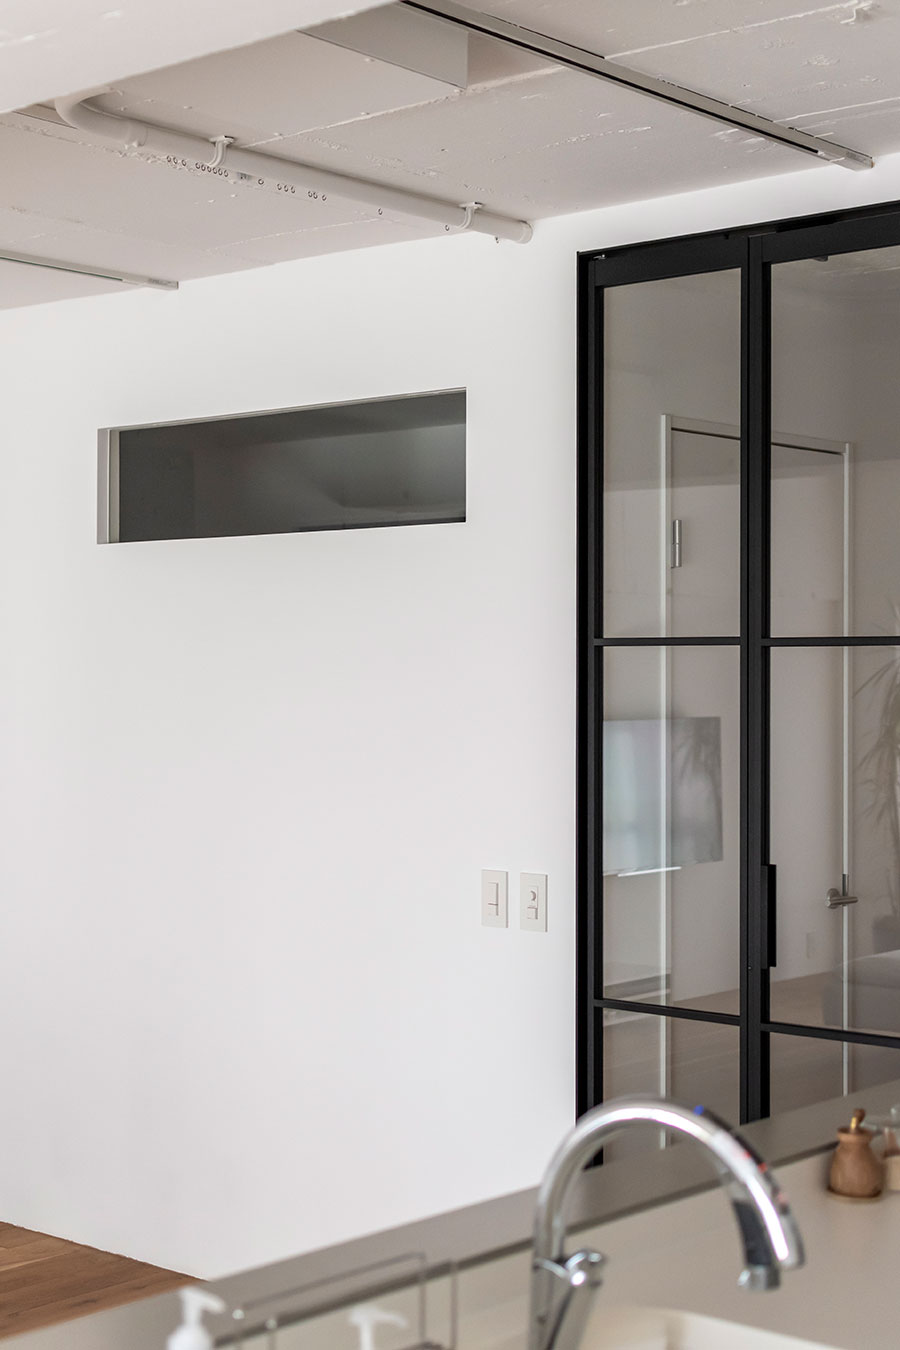 リビングからの日光を洗面所にも届けるための小窓を設置。